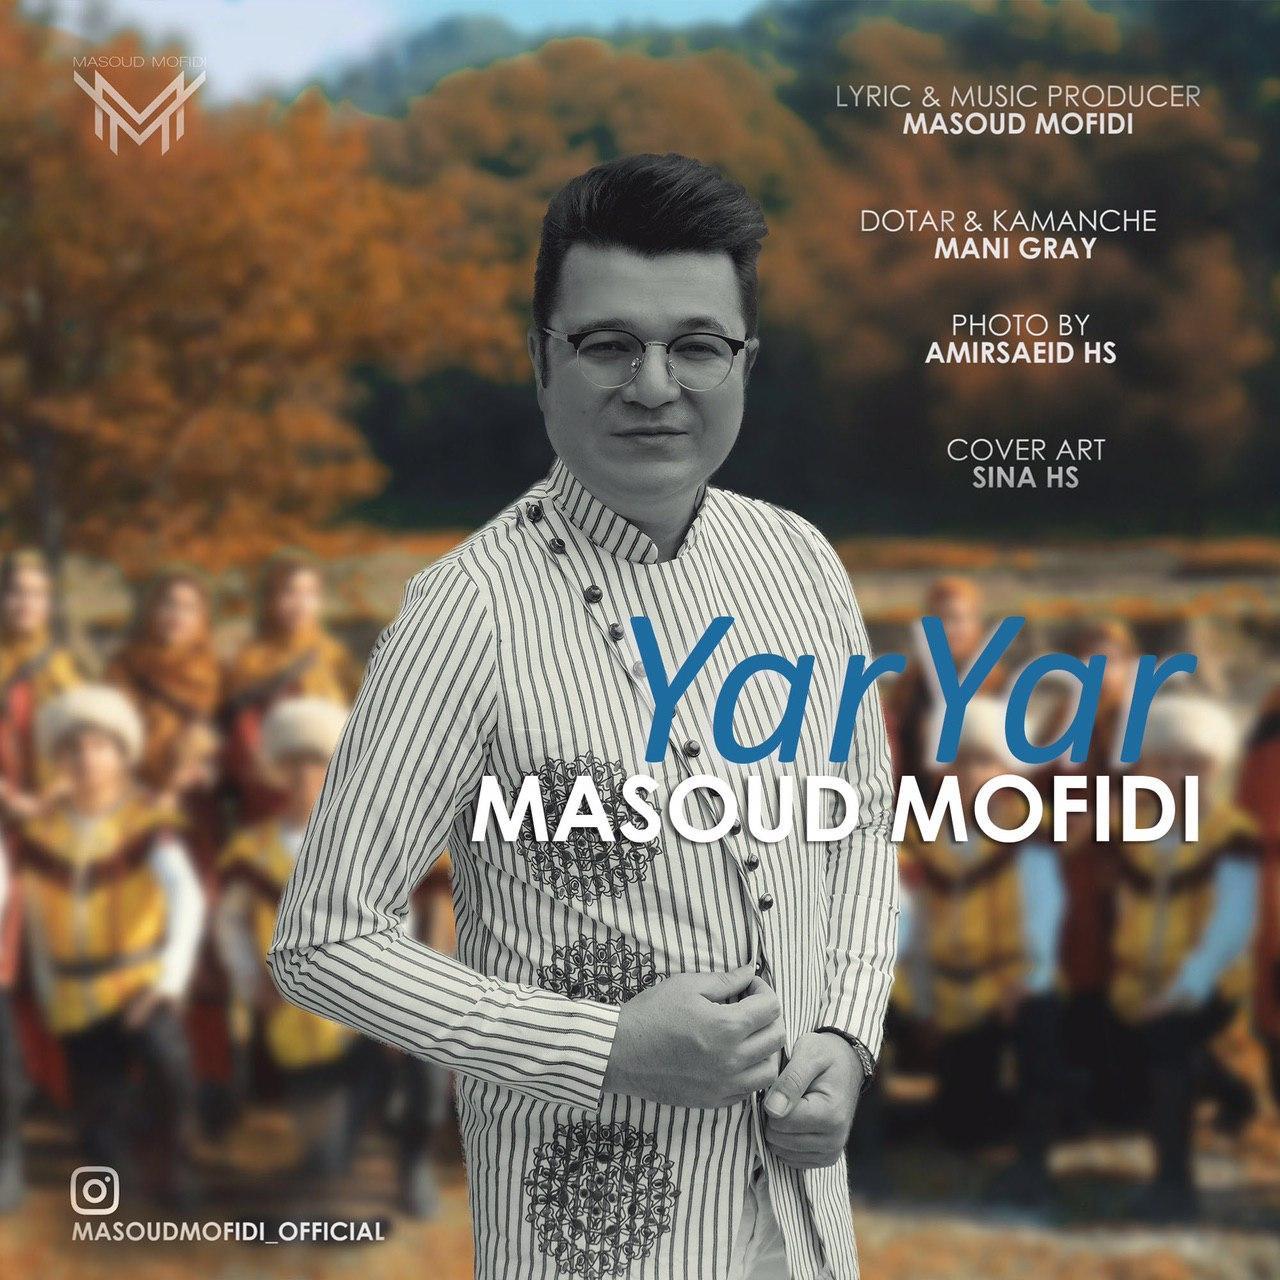 ترانه جدید و شاد ترکمنی خواننده محبوب ترکمن صحرا، مسعود مفیدی با عنوان «یار یار» منتشر شد